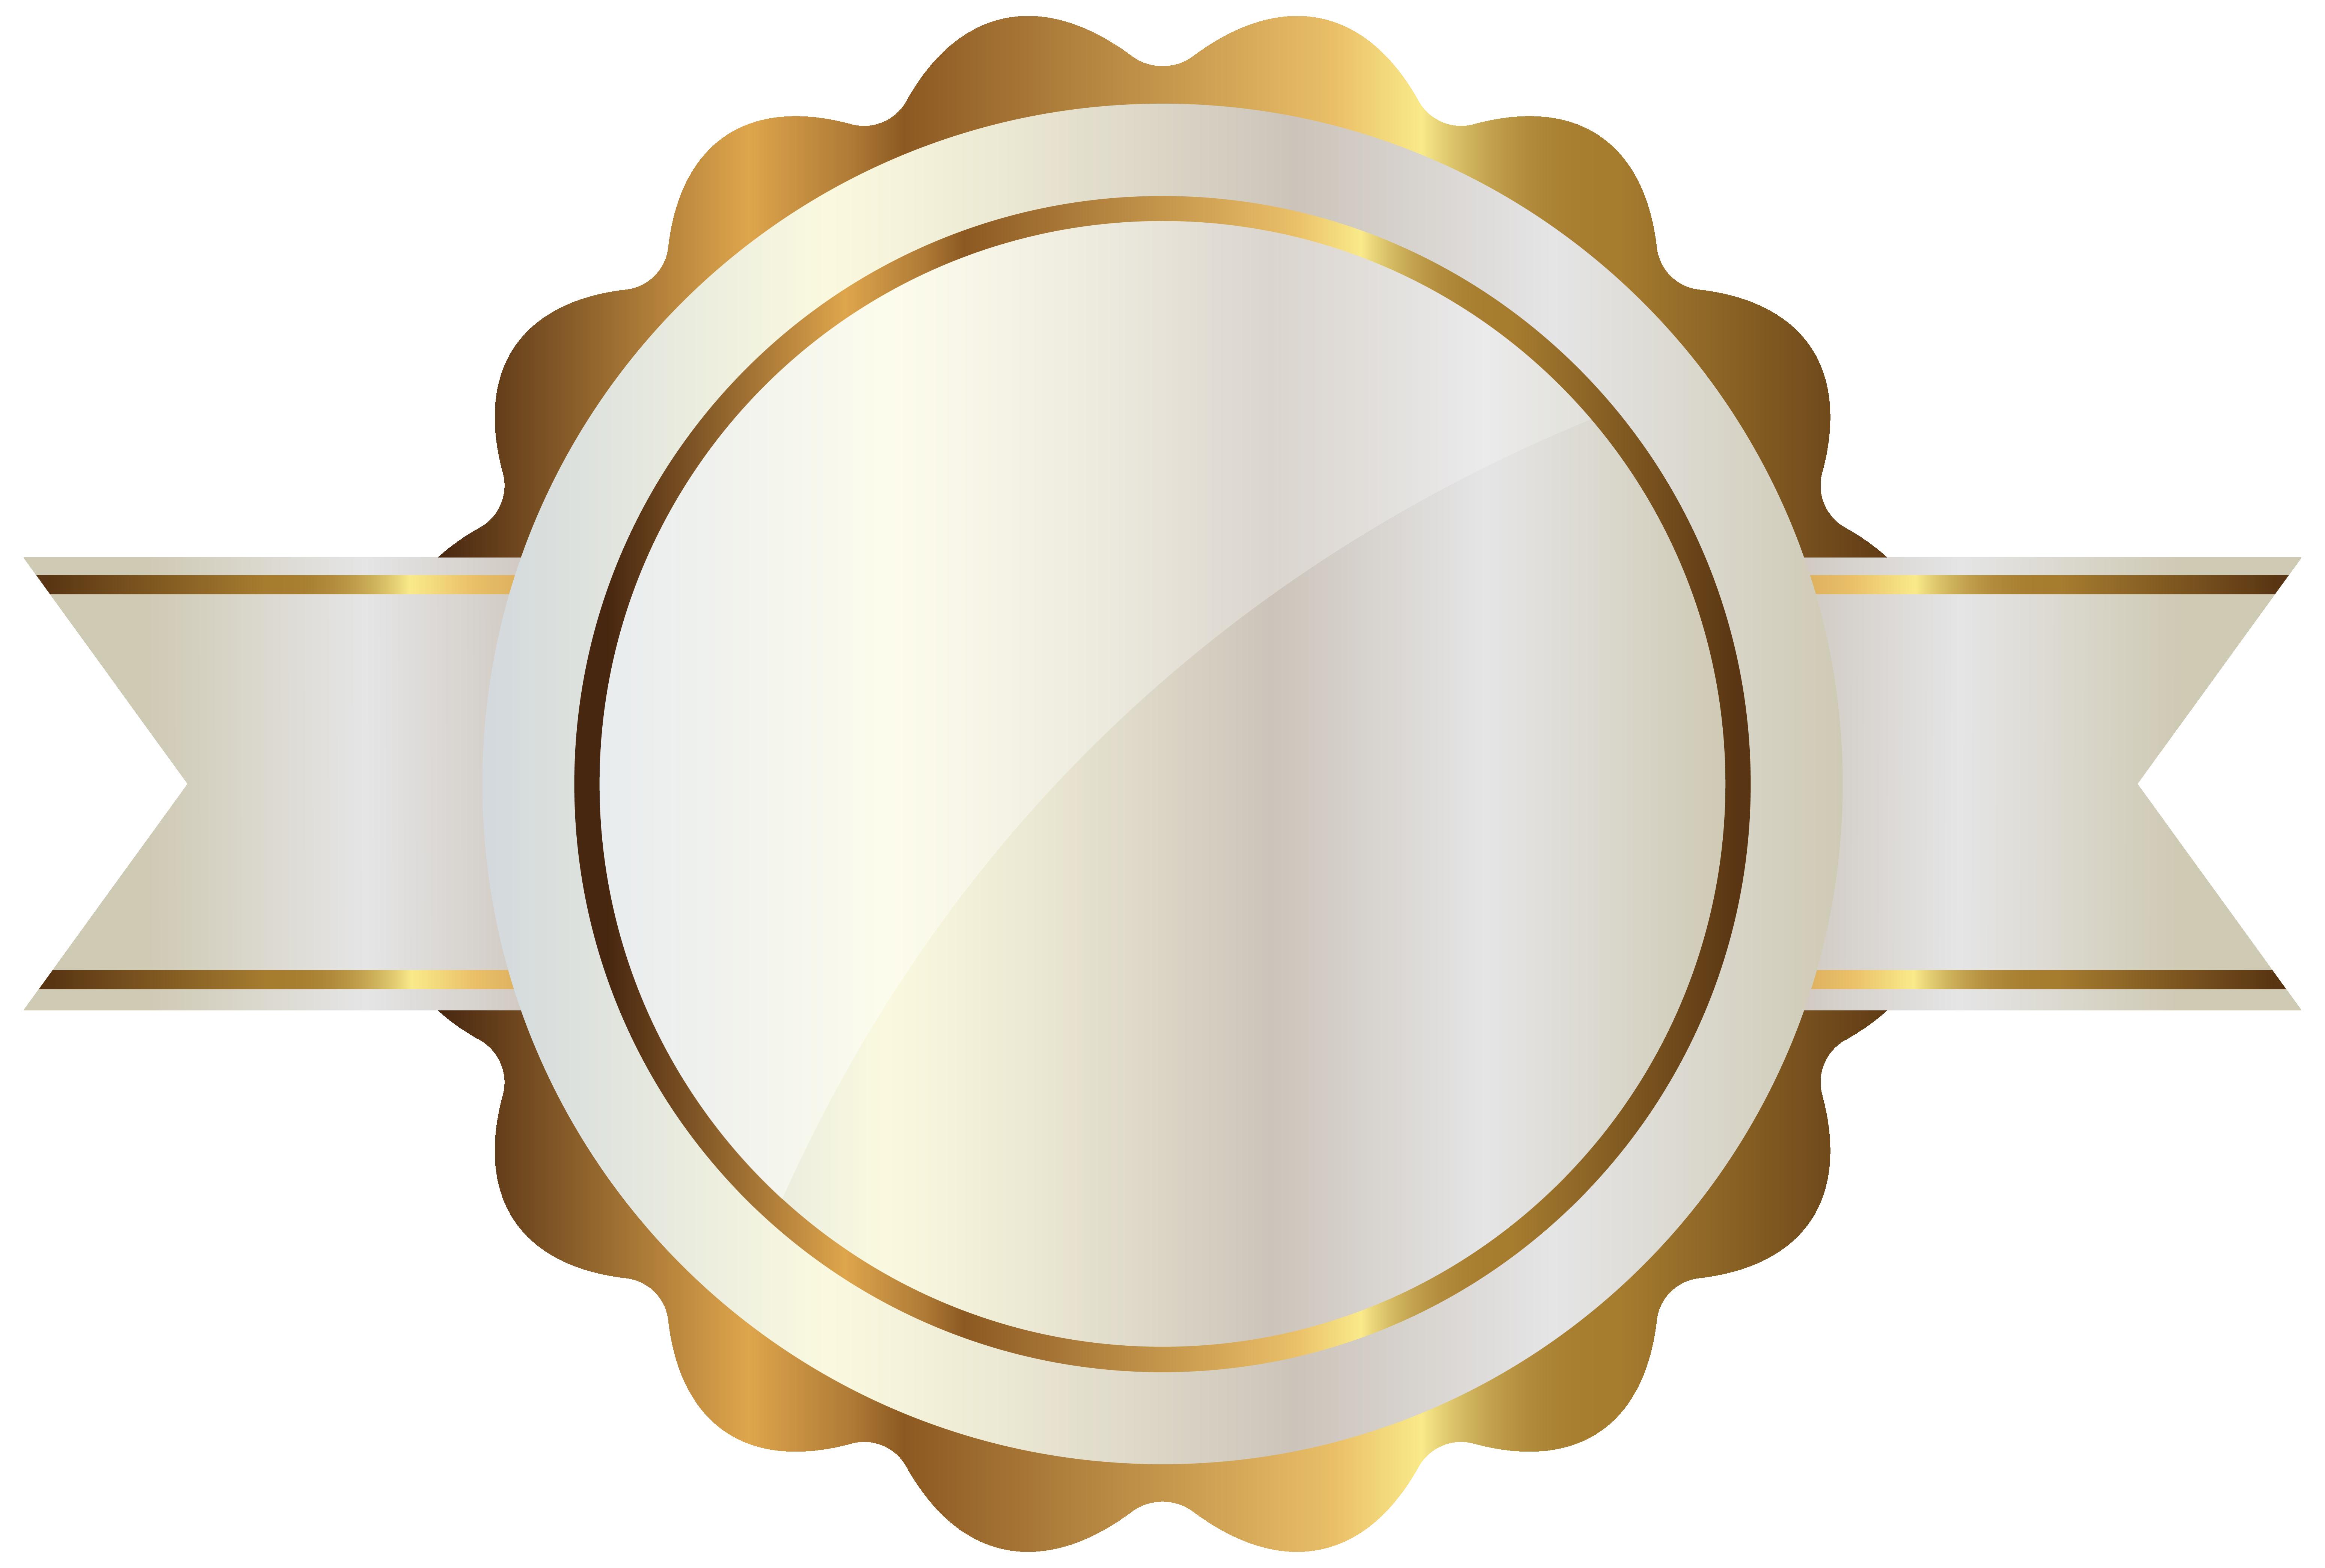 Full Circle Classroom Design Definition ~ Pin de lucimar dos santos silva em brasão pinterest